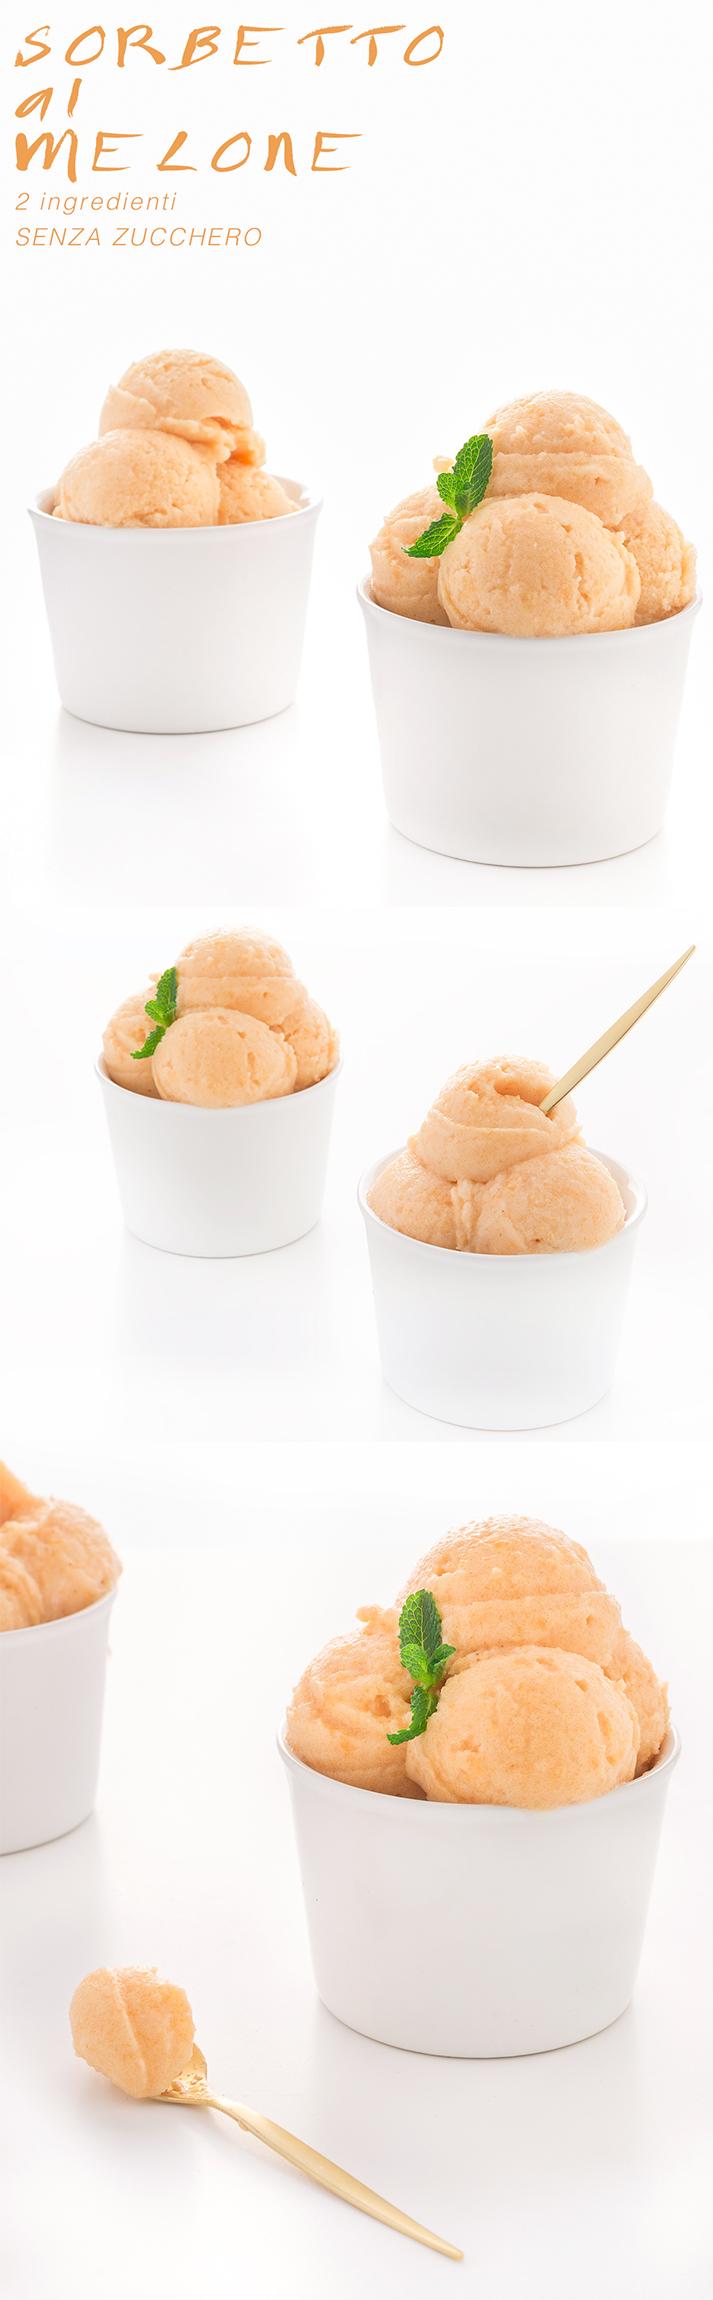 sugarfree vegan melon sorbet - sorbetto al melone senza zucchero